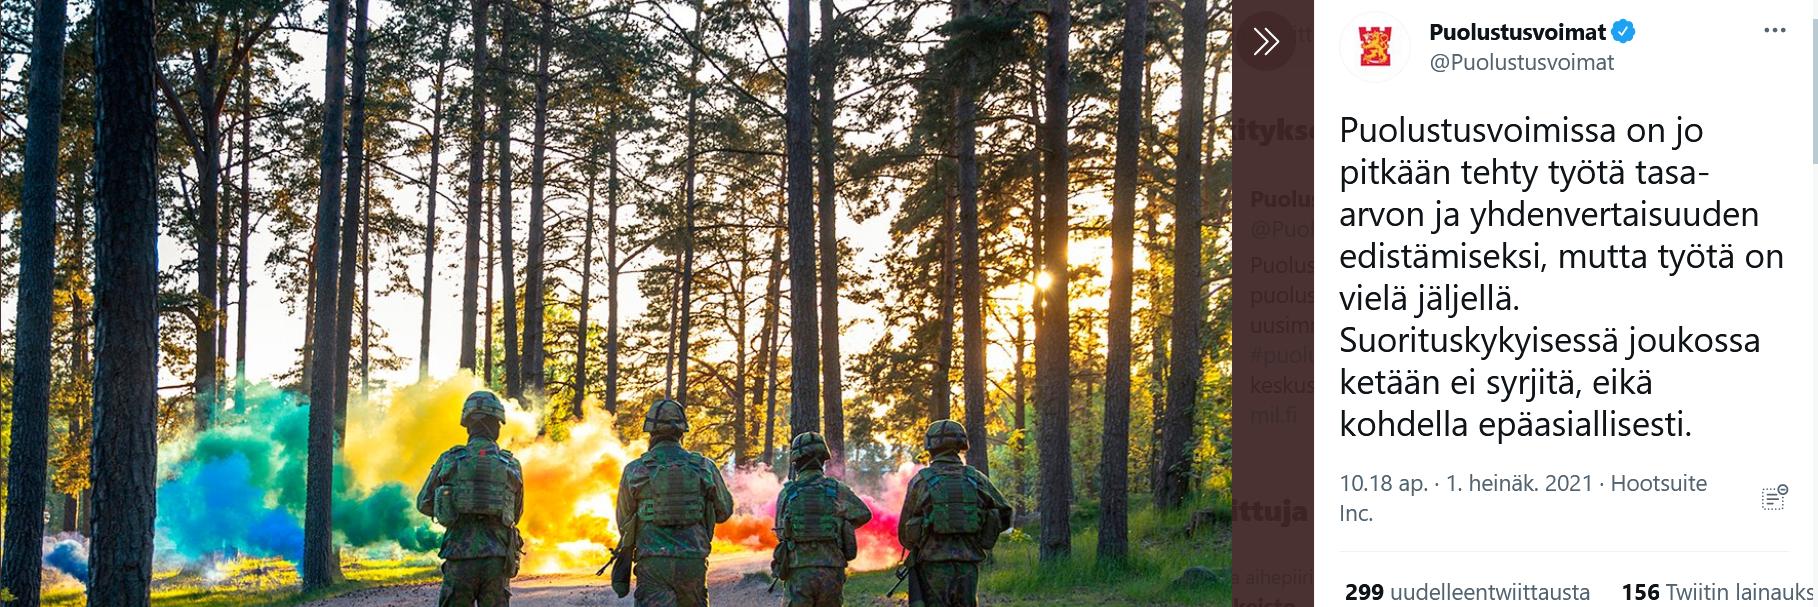 Kuvakaappaus puolustusvoimien twiitistä, jossa neljä sotilashahmoa kulkee kohti värikästä savua